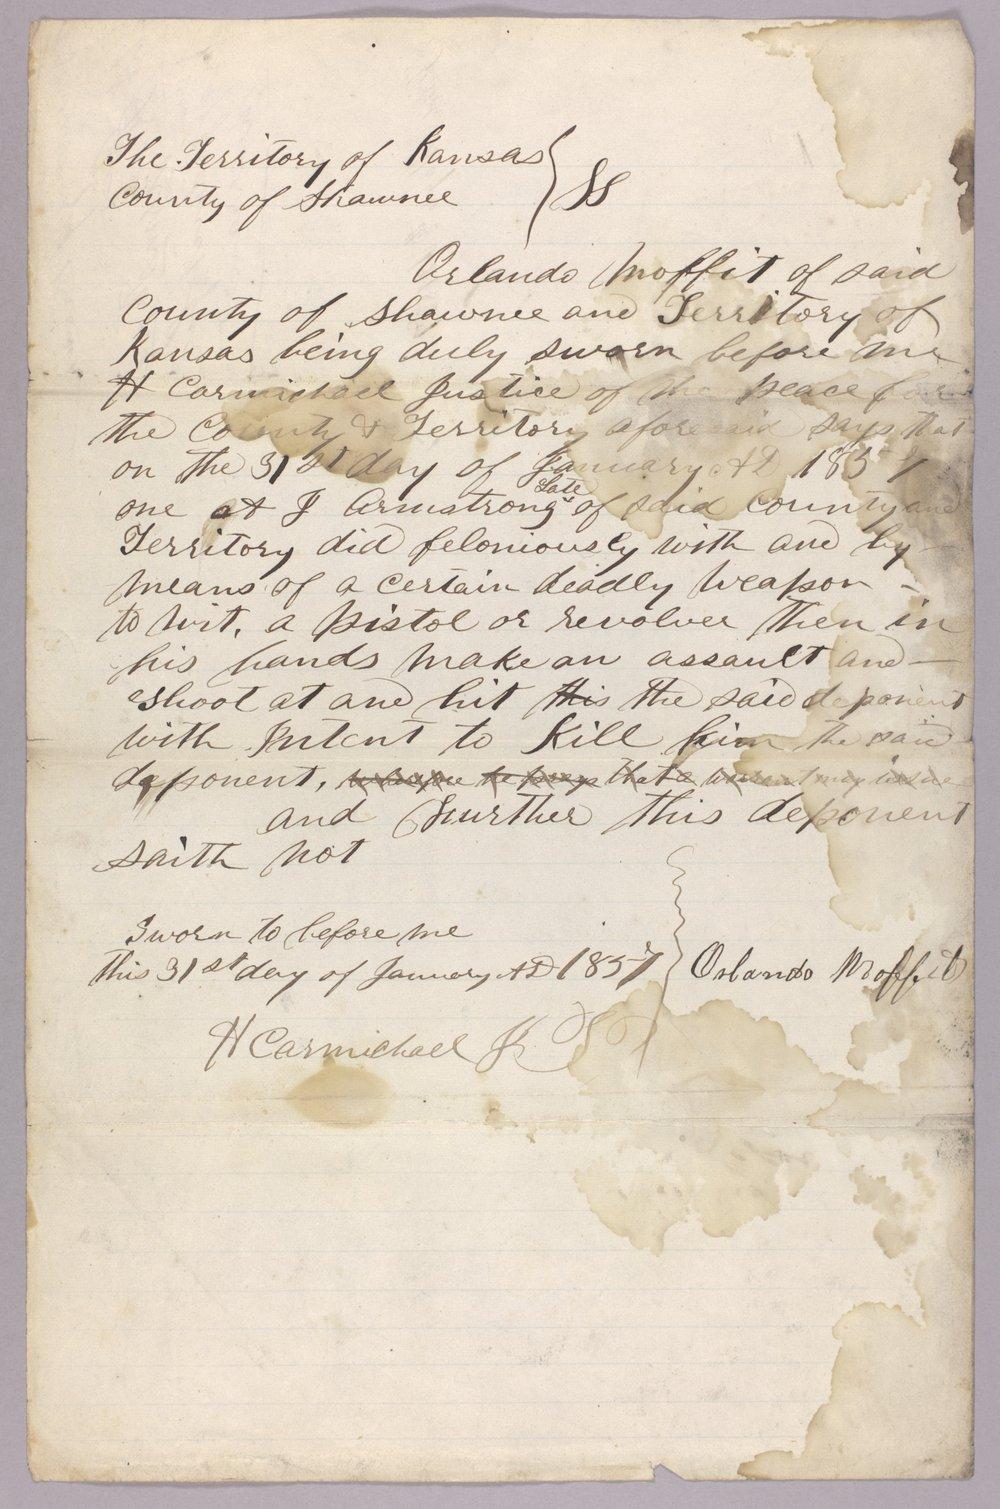 Kansas Territory versus A. J. Armstrong for assault on Orlando Moffitt - 7